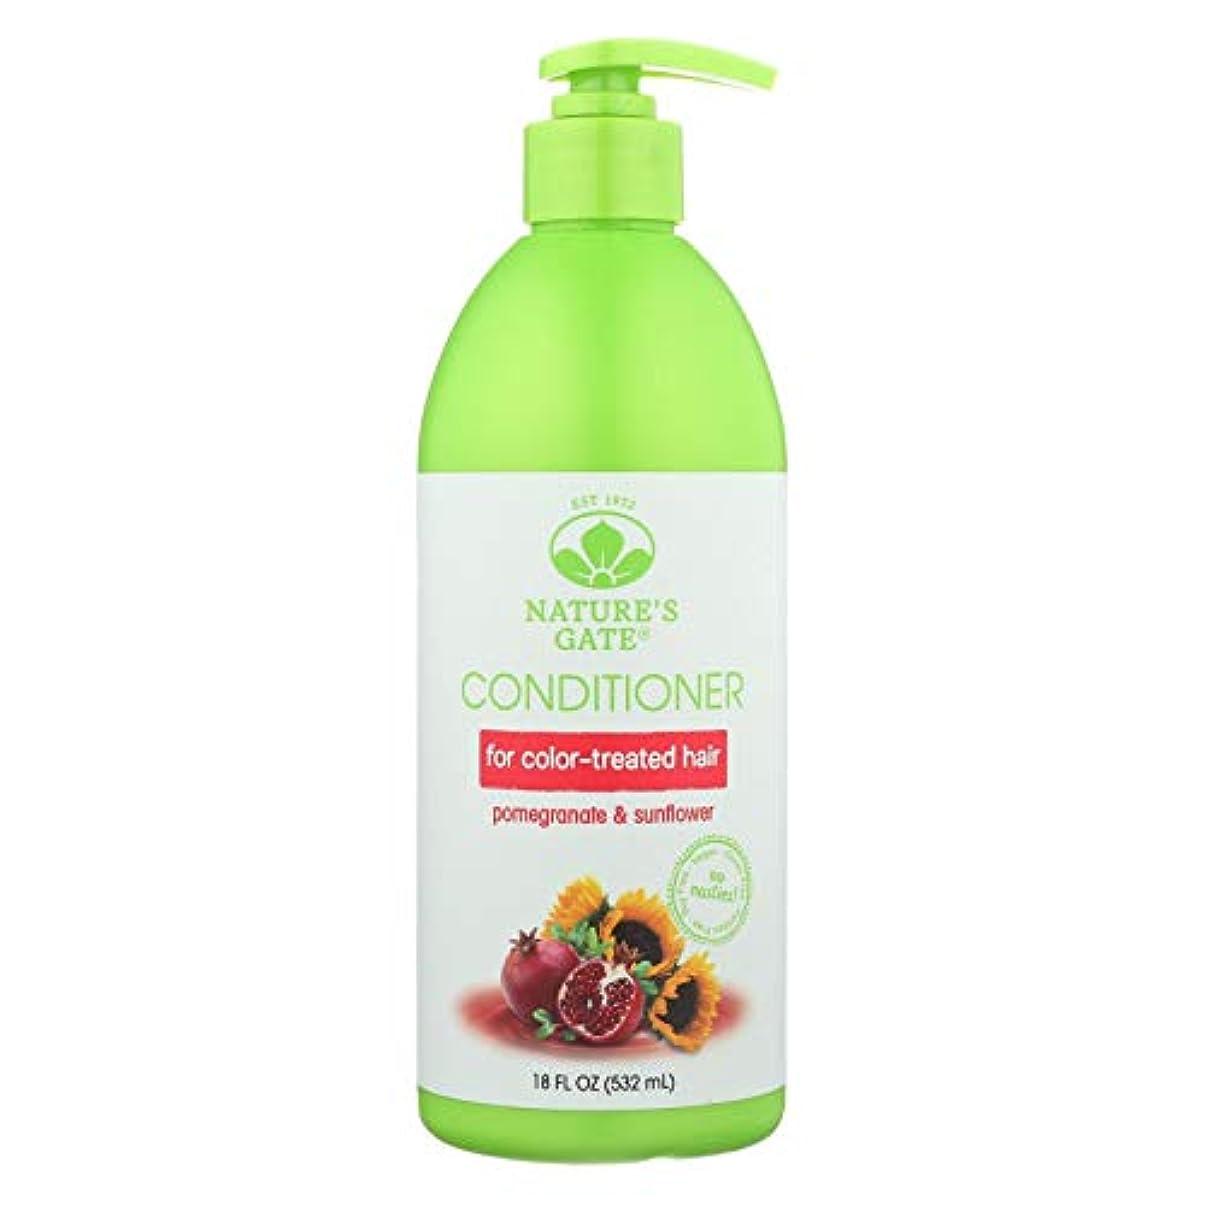 抑制検出ゴシップNature's Gate, Conditioner, Hair Defense, Pomegranate Sunflower, 18 fl oz (532 ml)